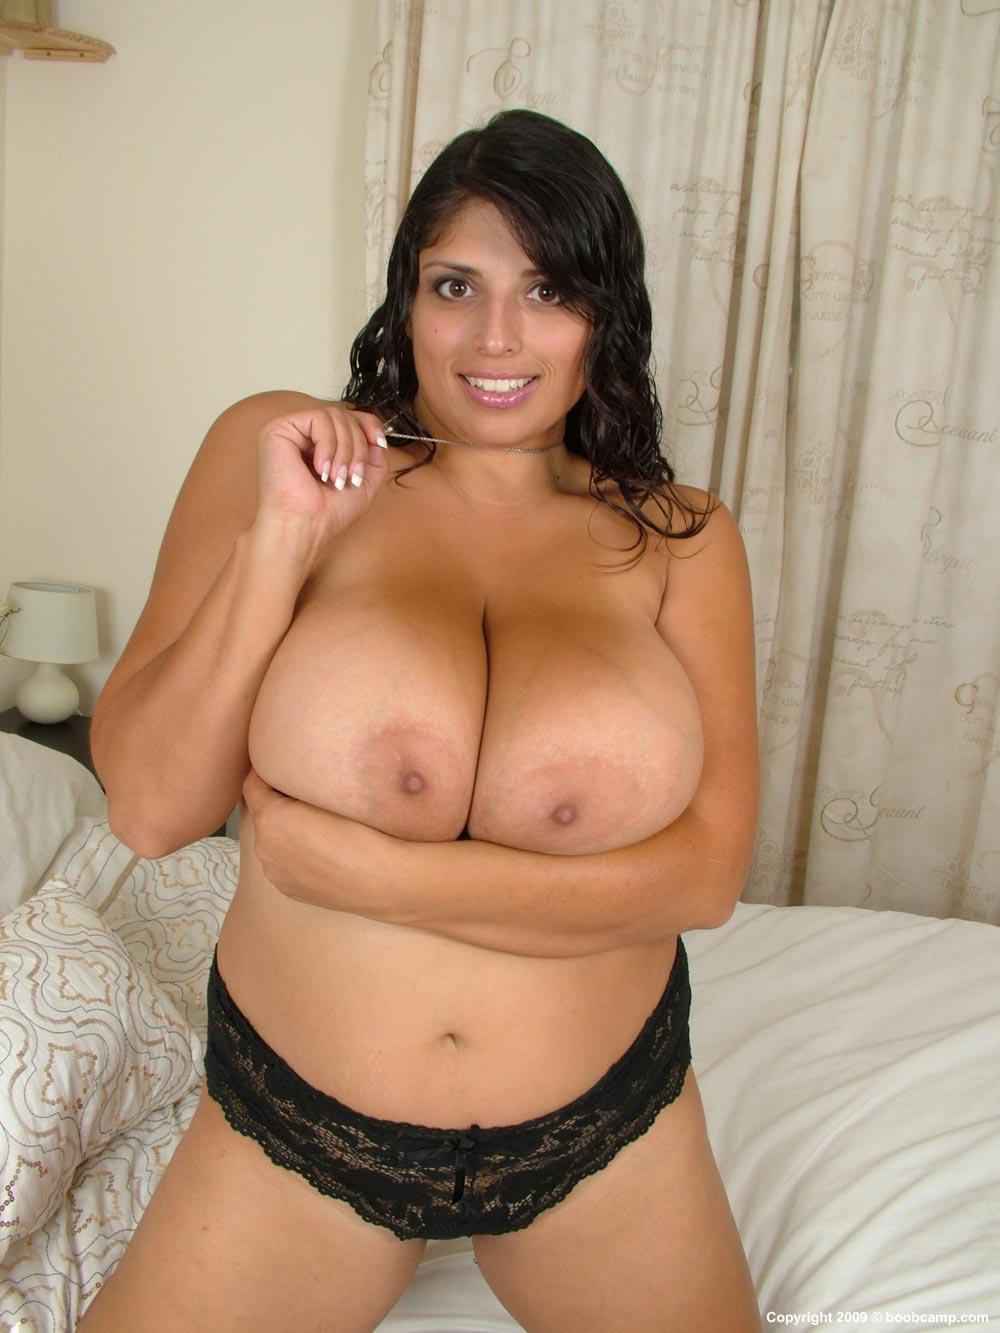 real next door girls nude